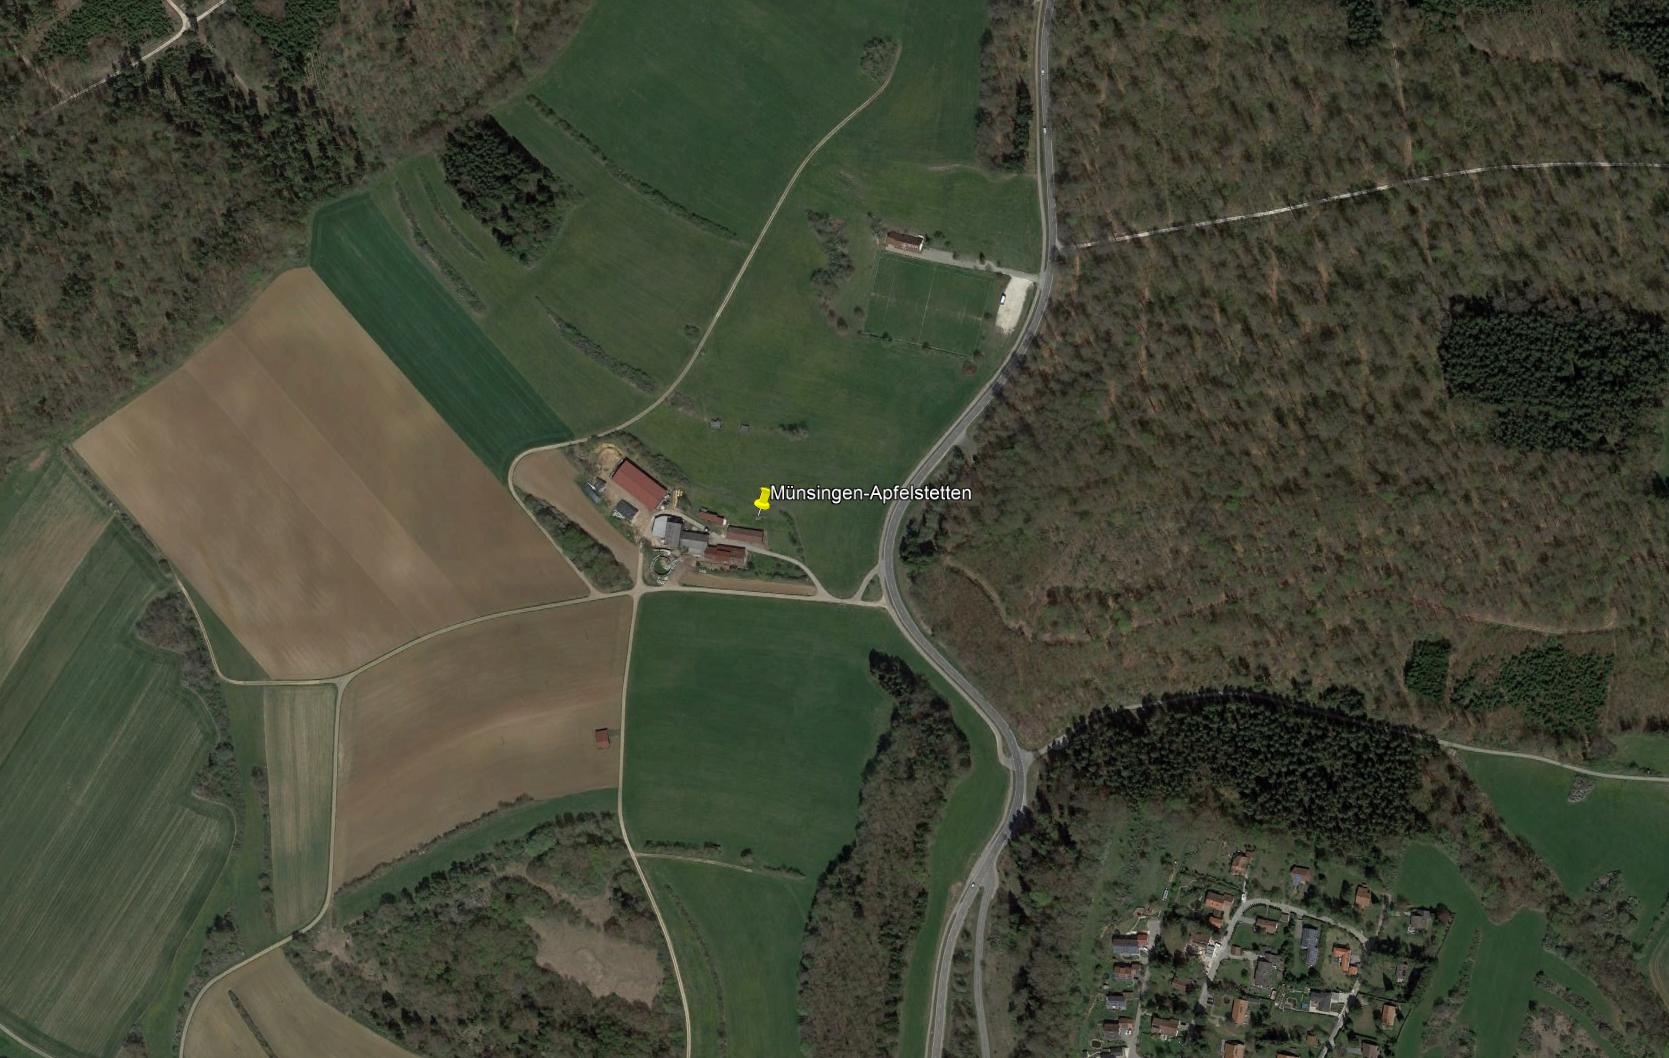 http://www.wetterstation-leutenbach.de/Bilder/muensingen2.png